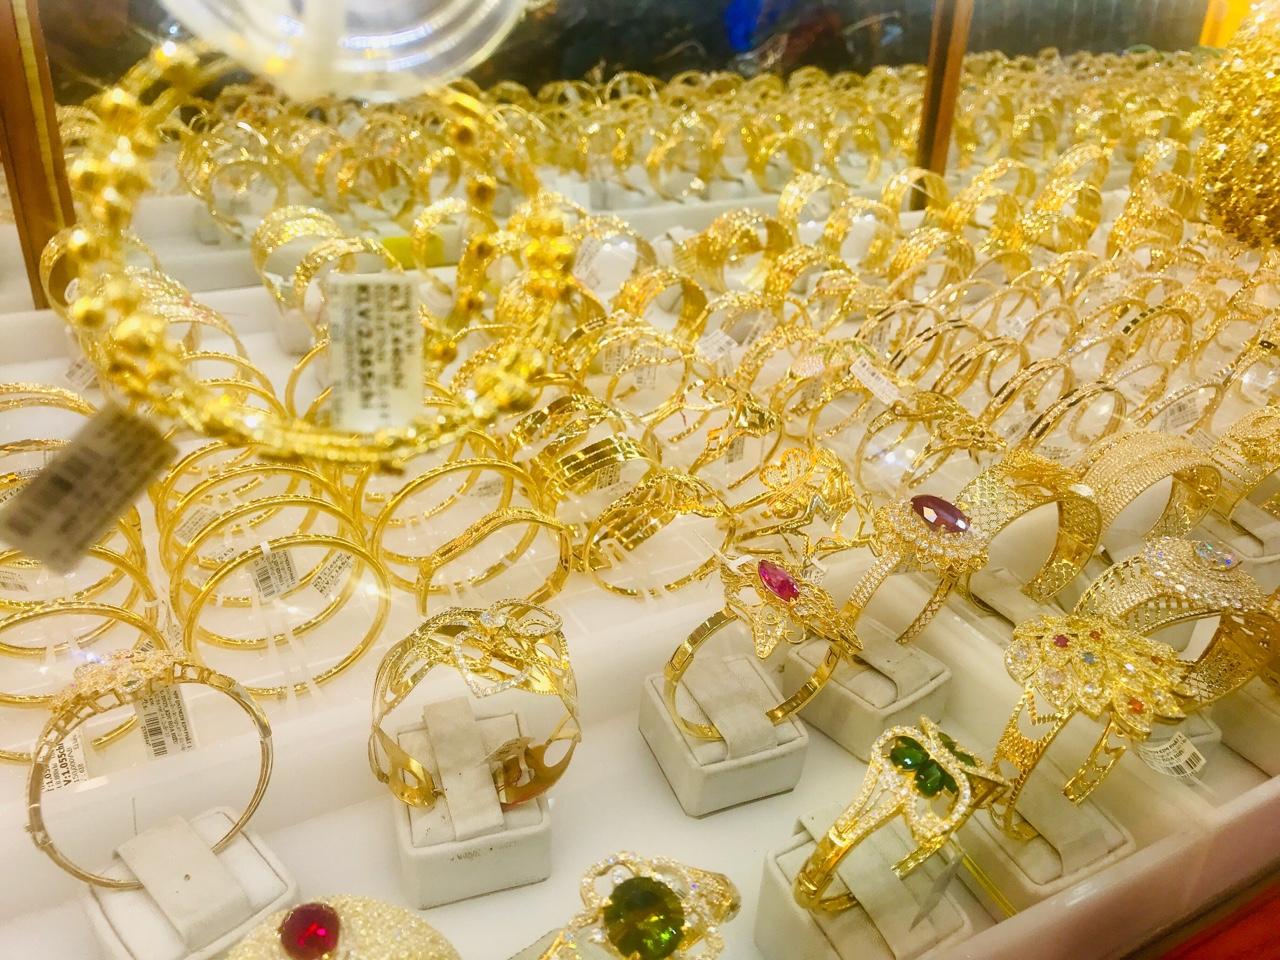 Giá vàng hôm nay 10/5: Vàng tiếp đà tăng trong phiên đầu tuần - Ảnh 1.